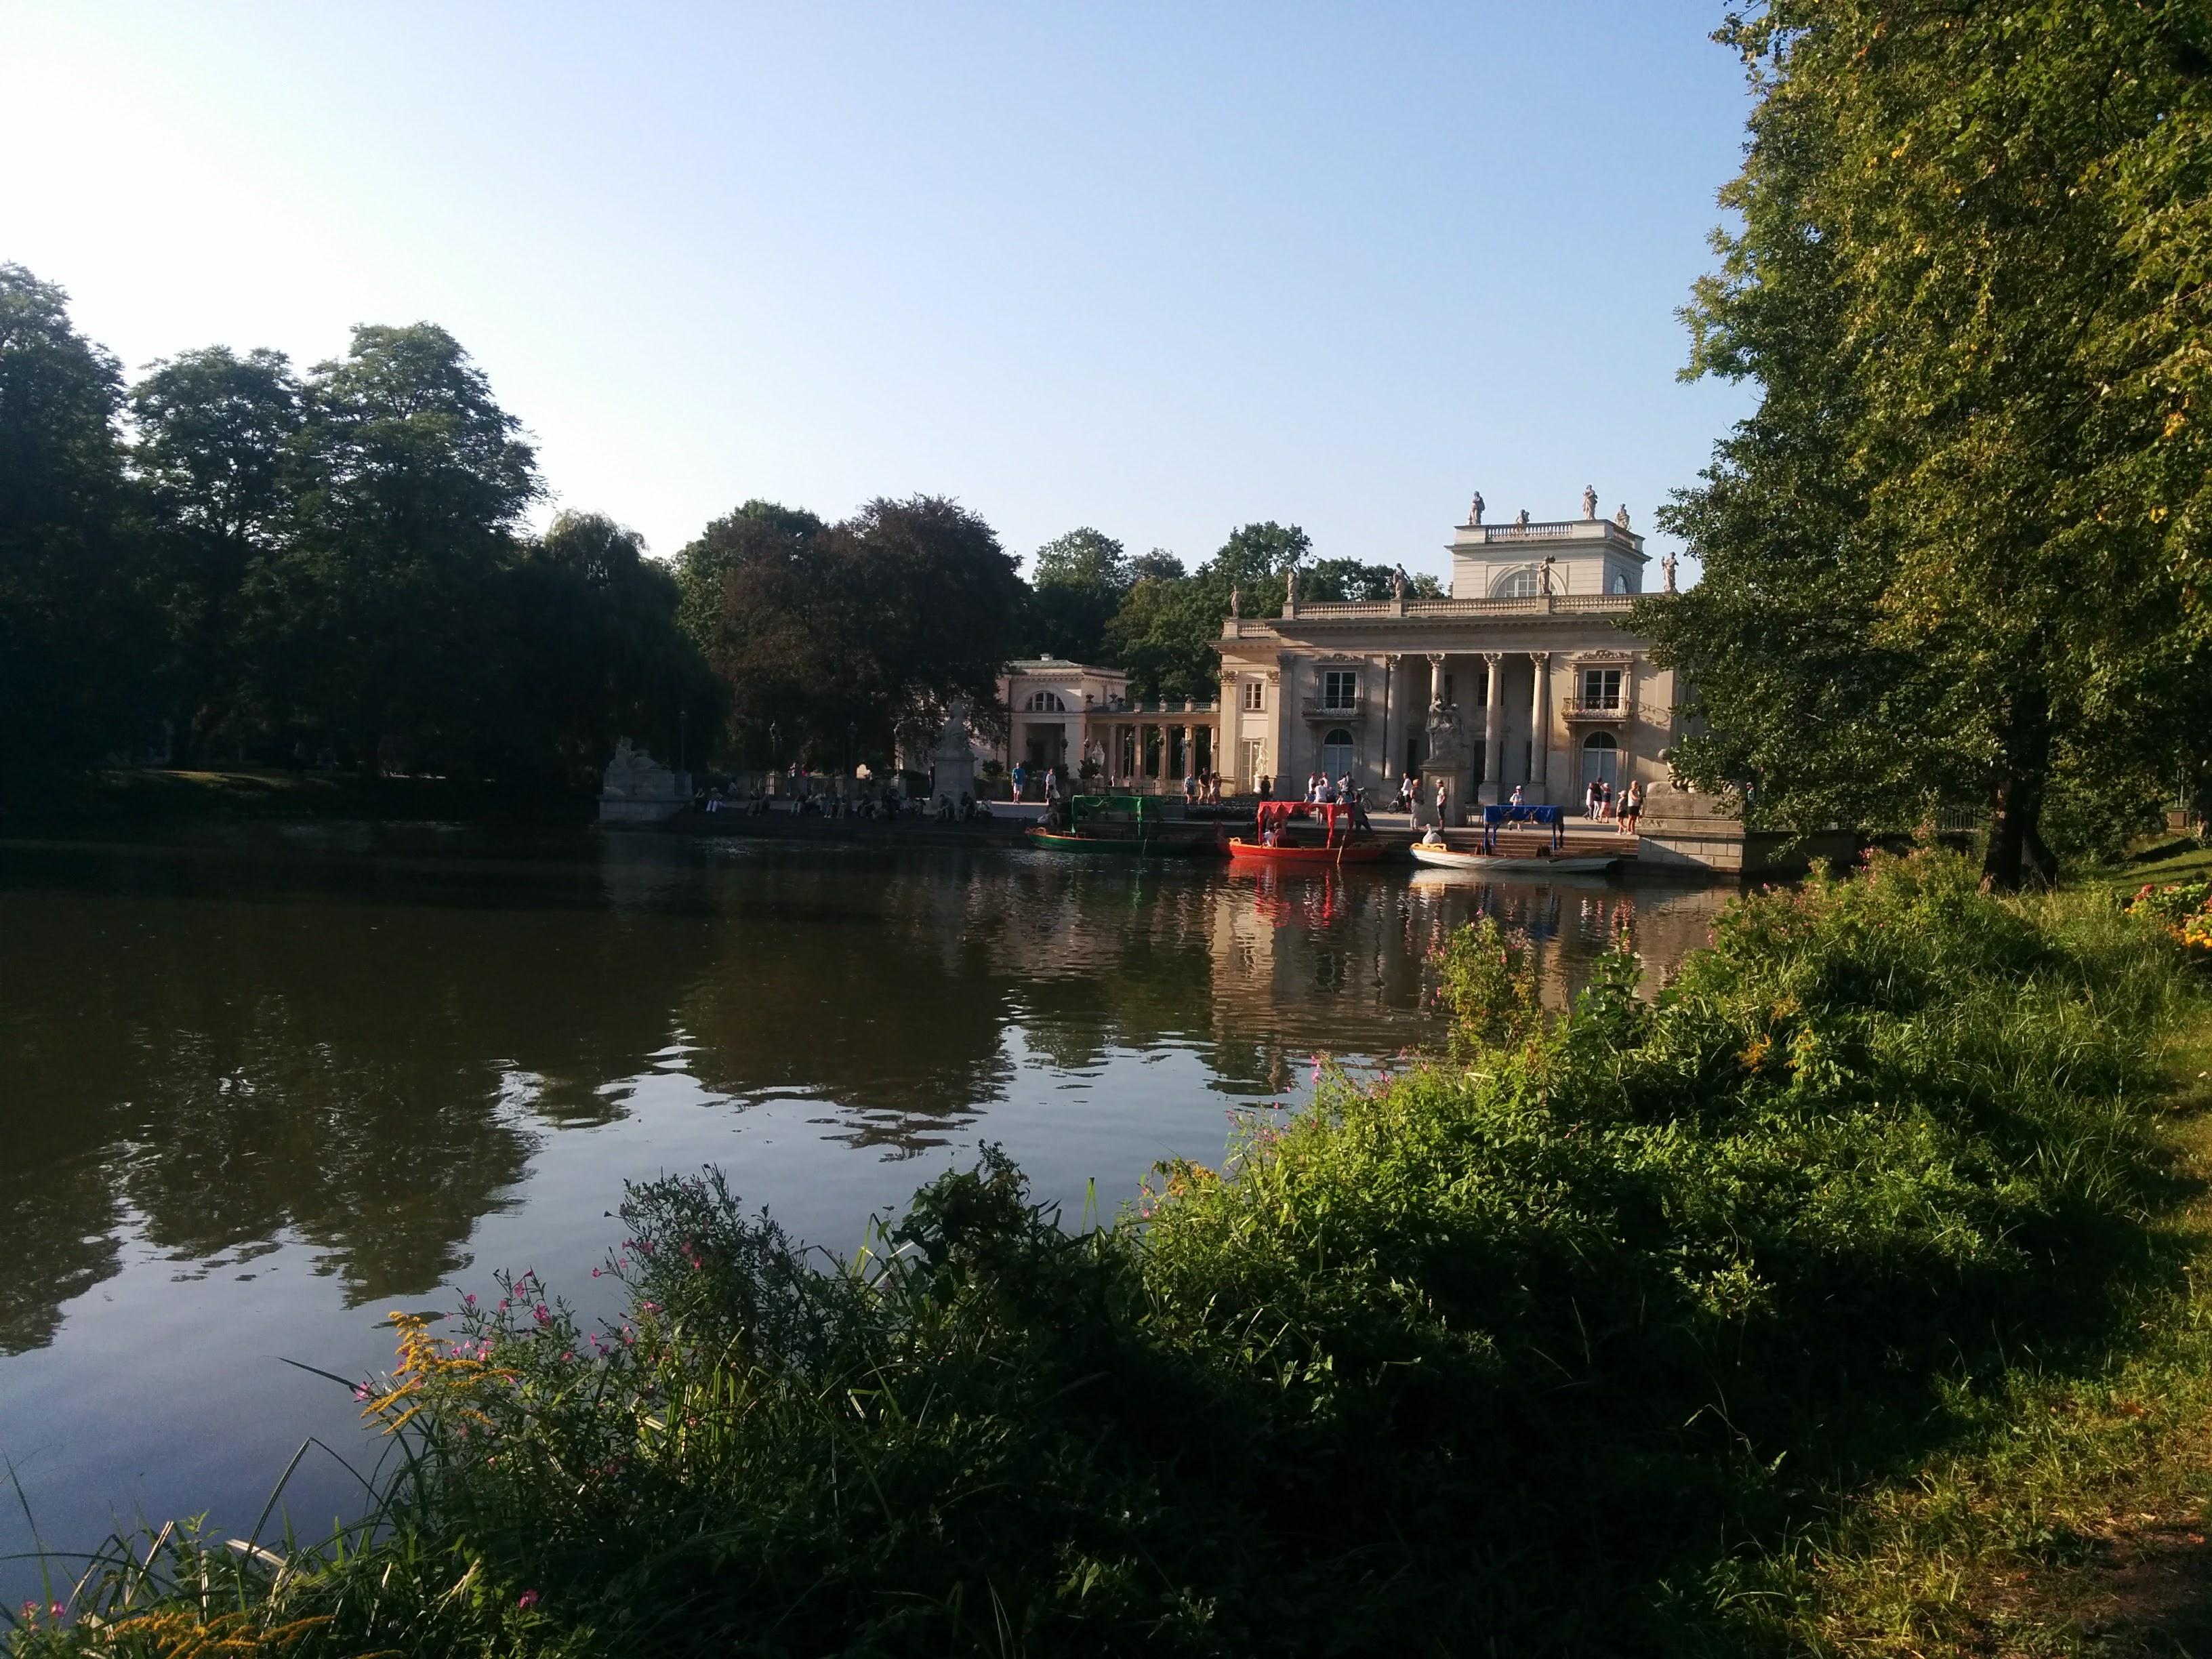 Uno scorcio del Palazzo sull'acqua